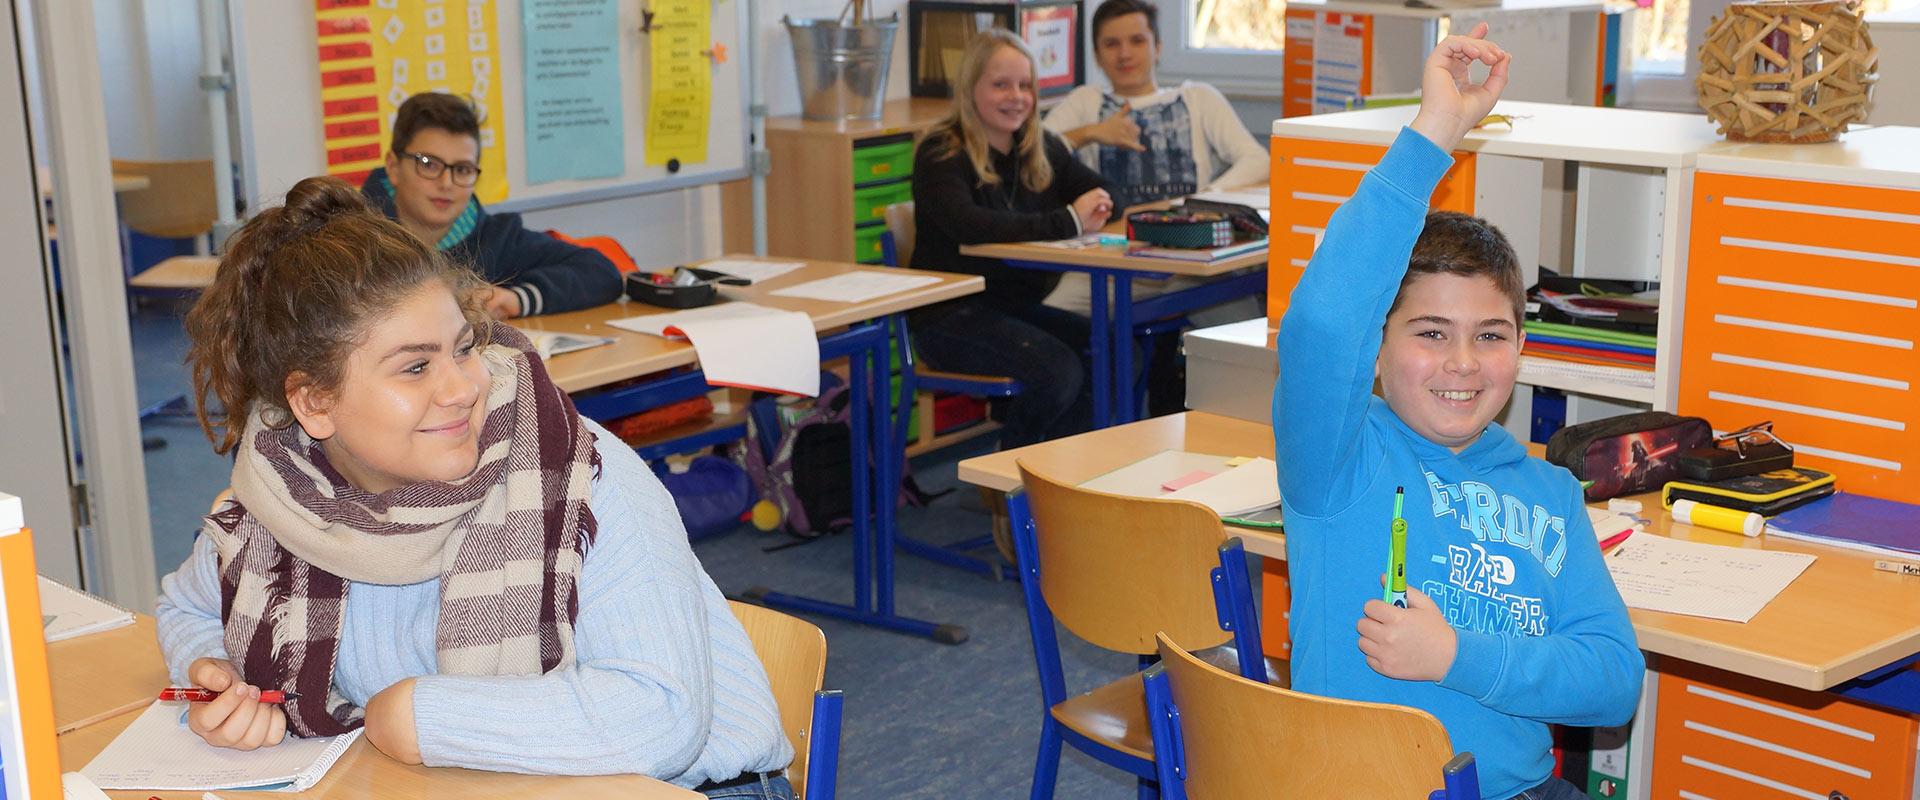 schillerschule-eislingen-gemeinschaft